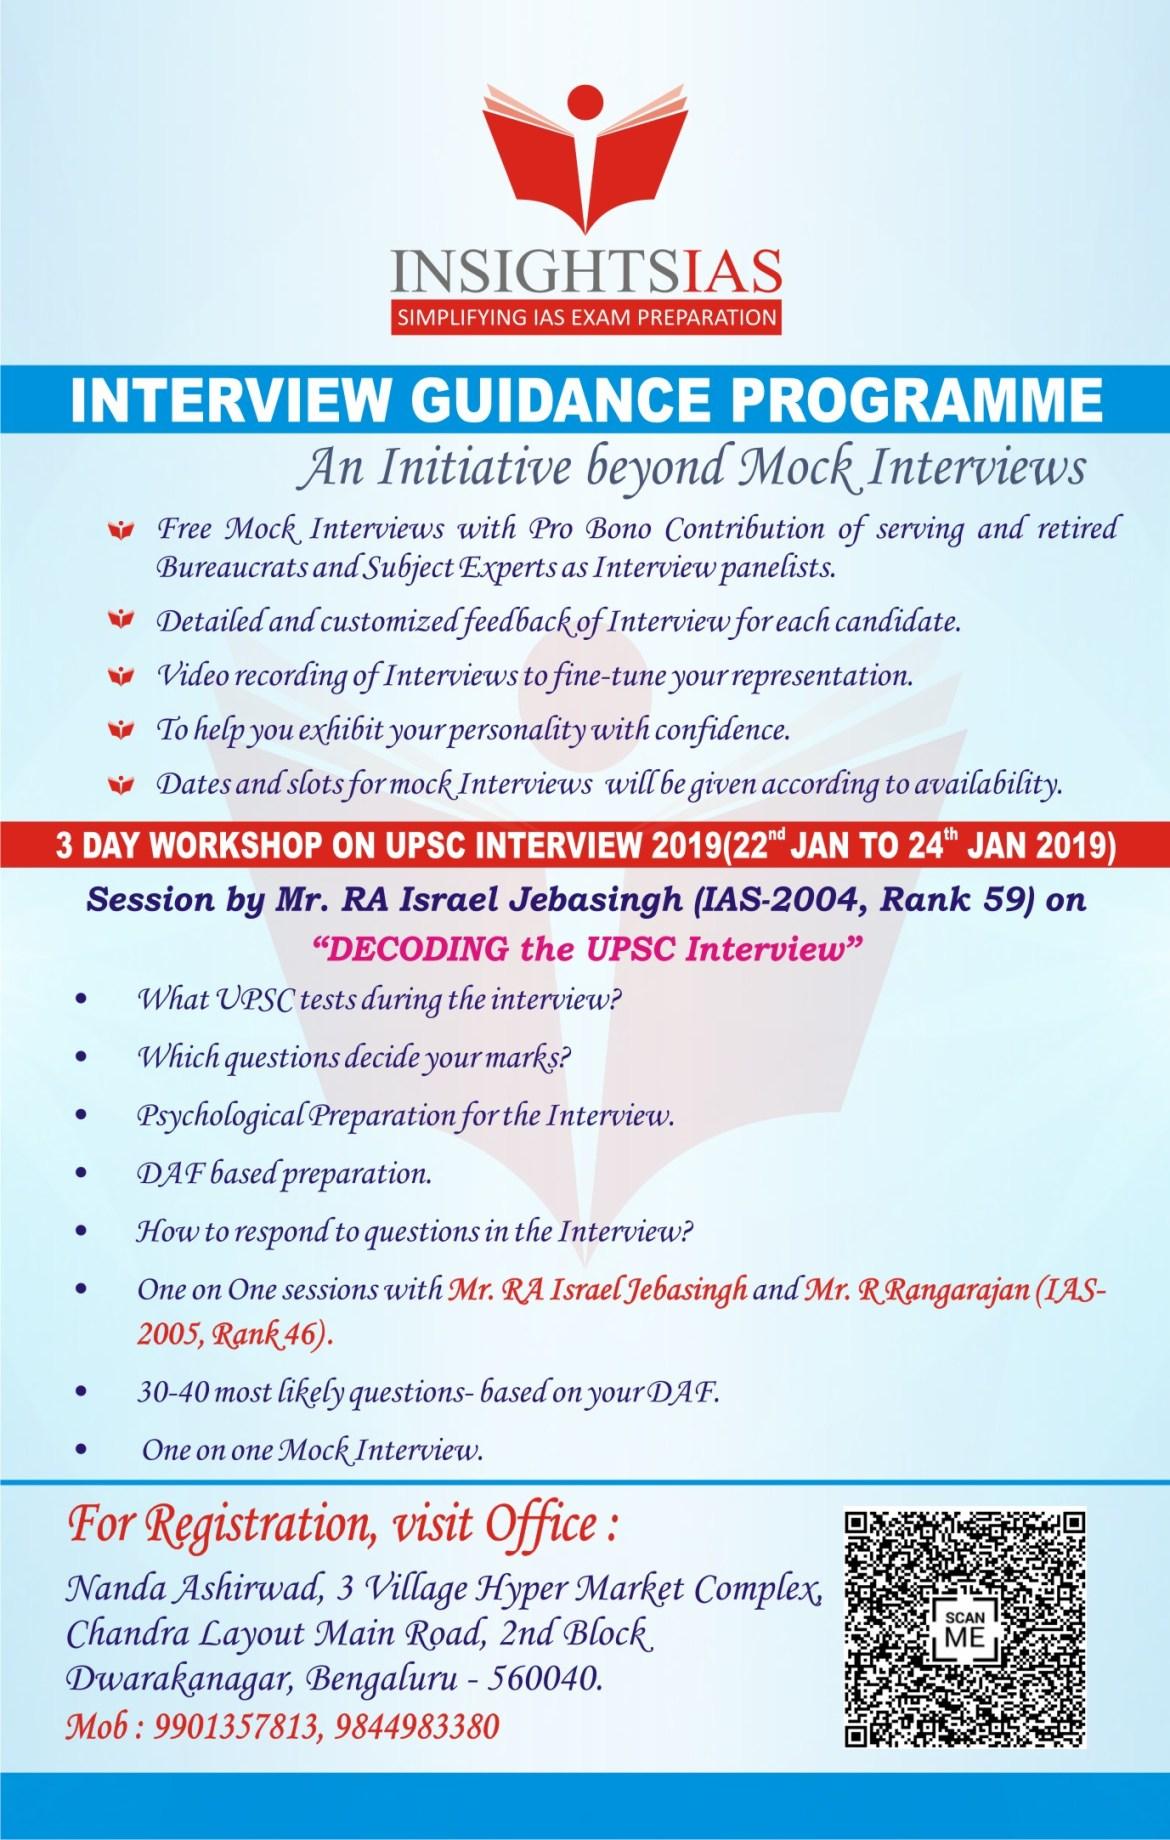 Insights interview guidance program 2019